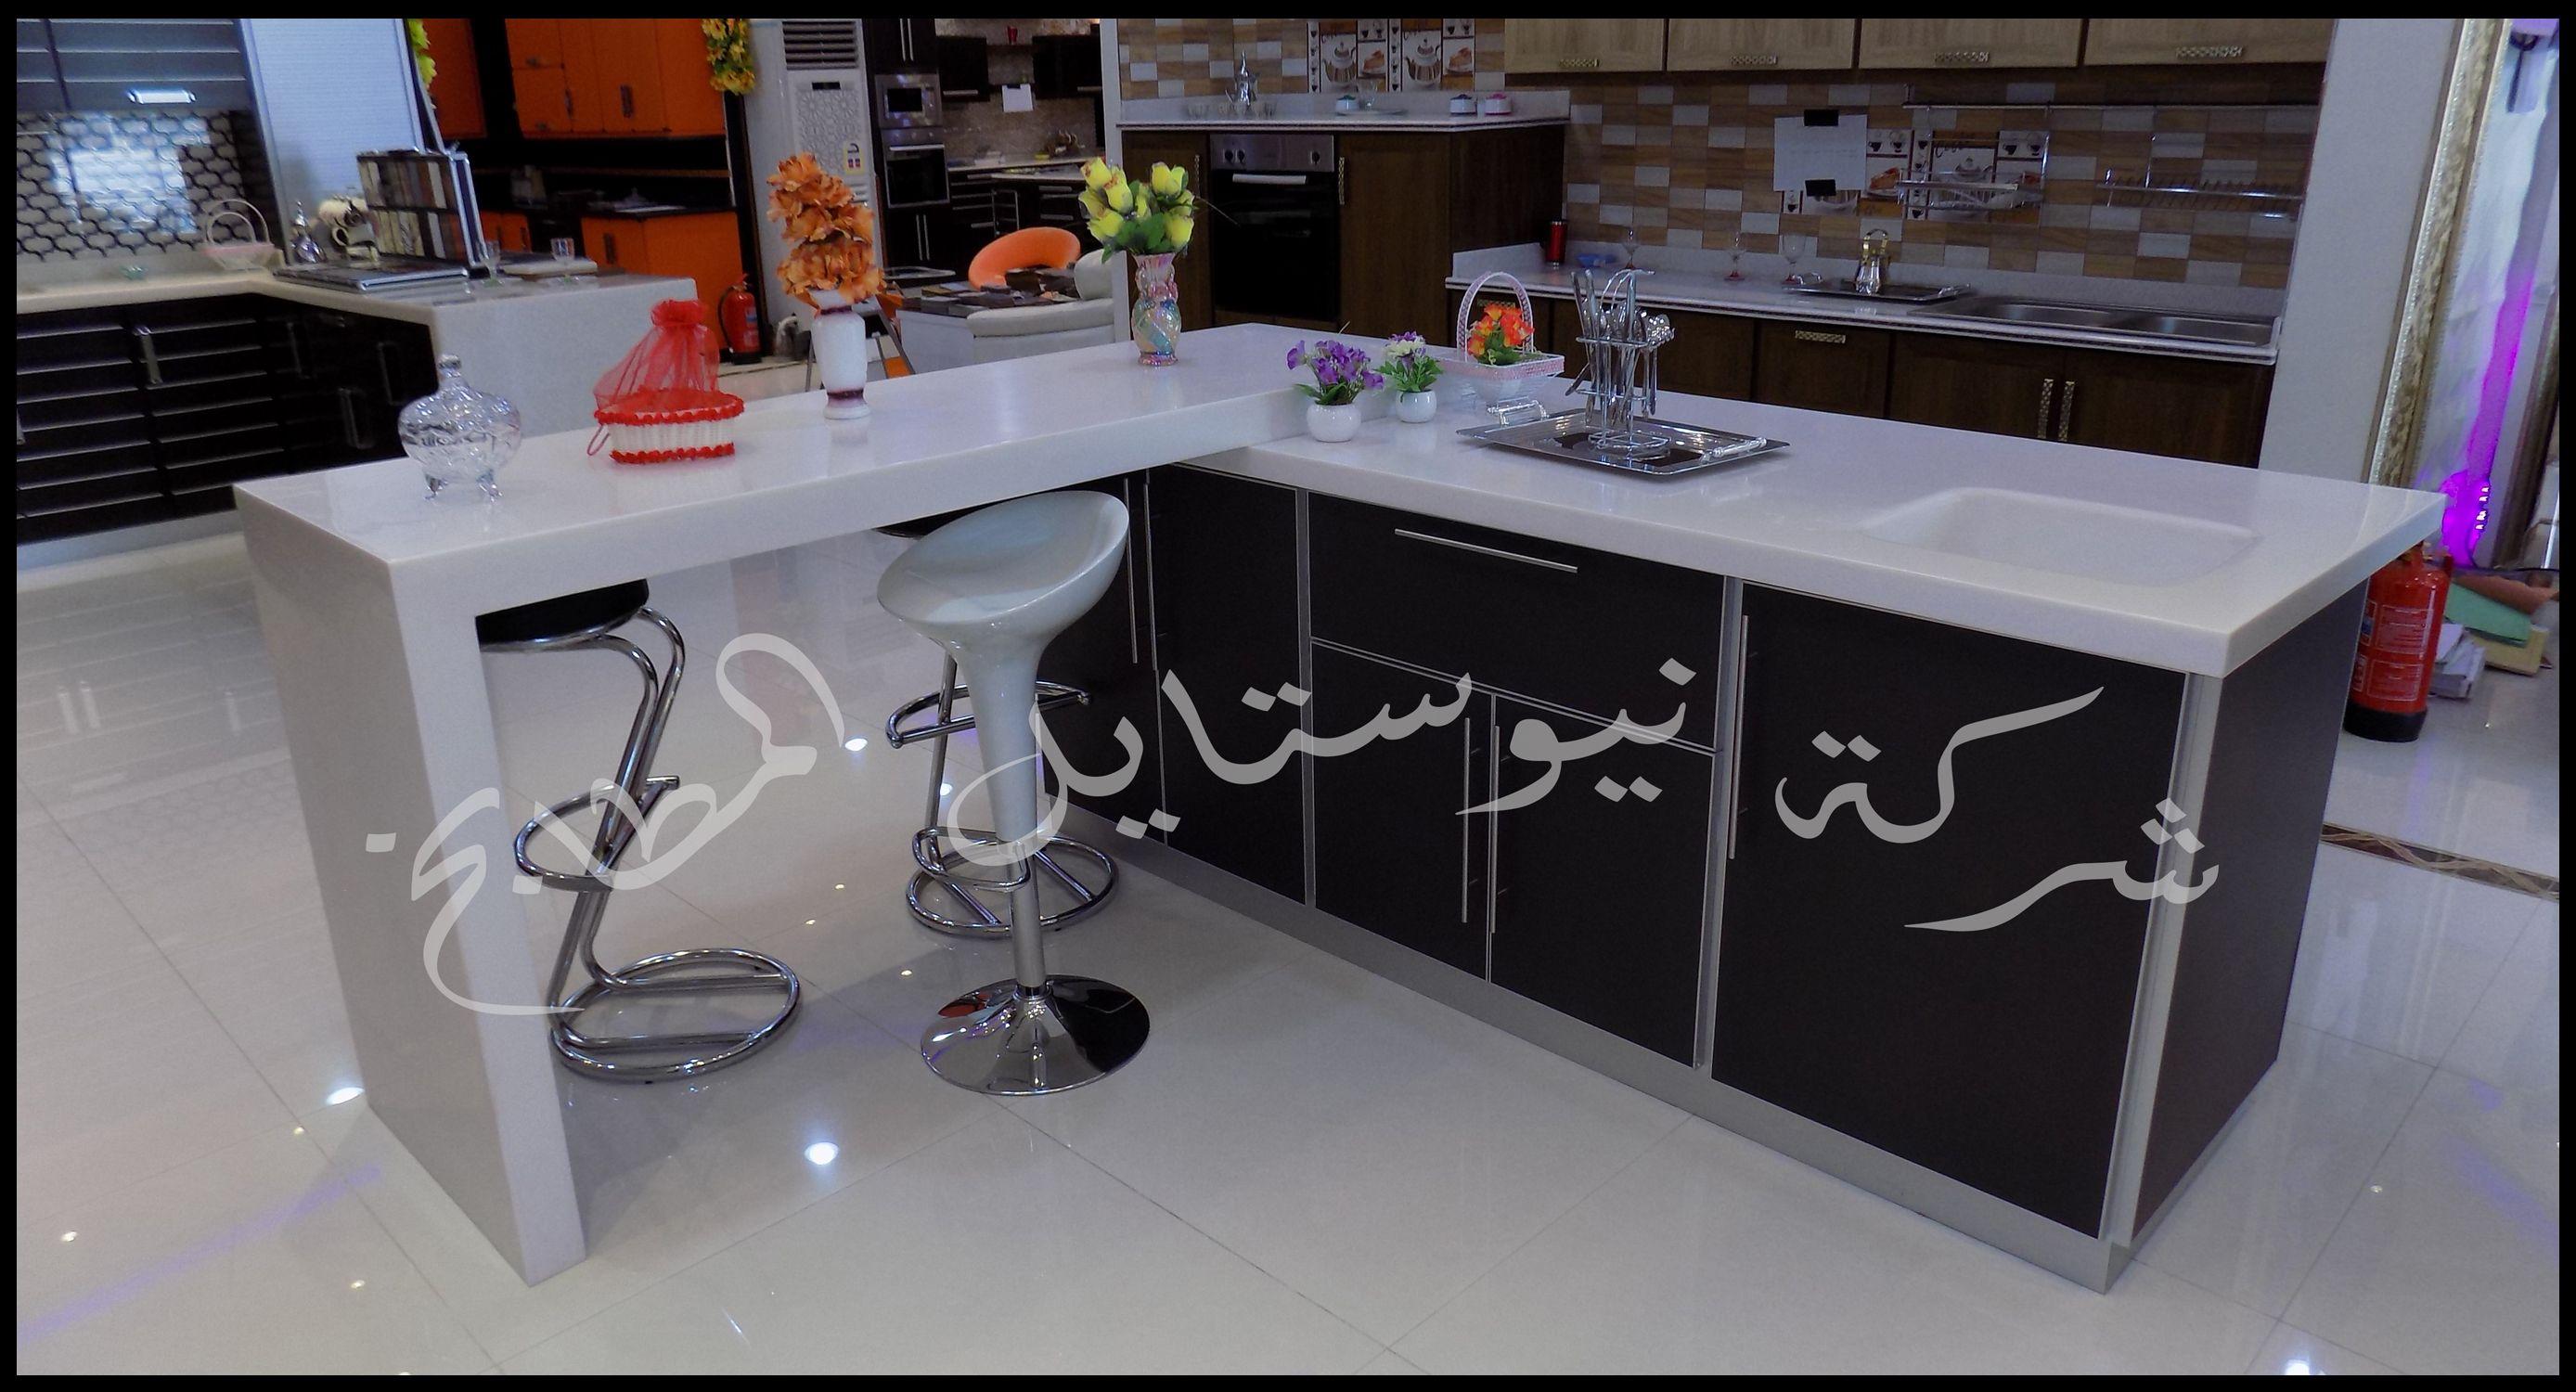 شركة نيو ستايل للمطابخ الالمنيوم شركة نيوستايل لمطابخ الالمنيوم الرئيسية Corner Desk Home Decor Desk